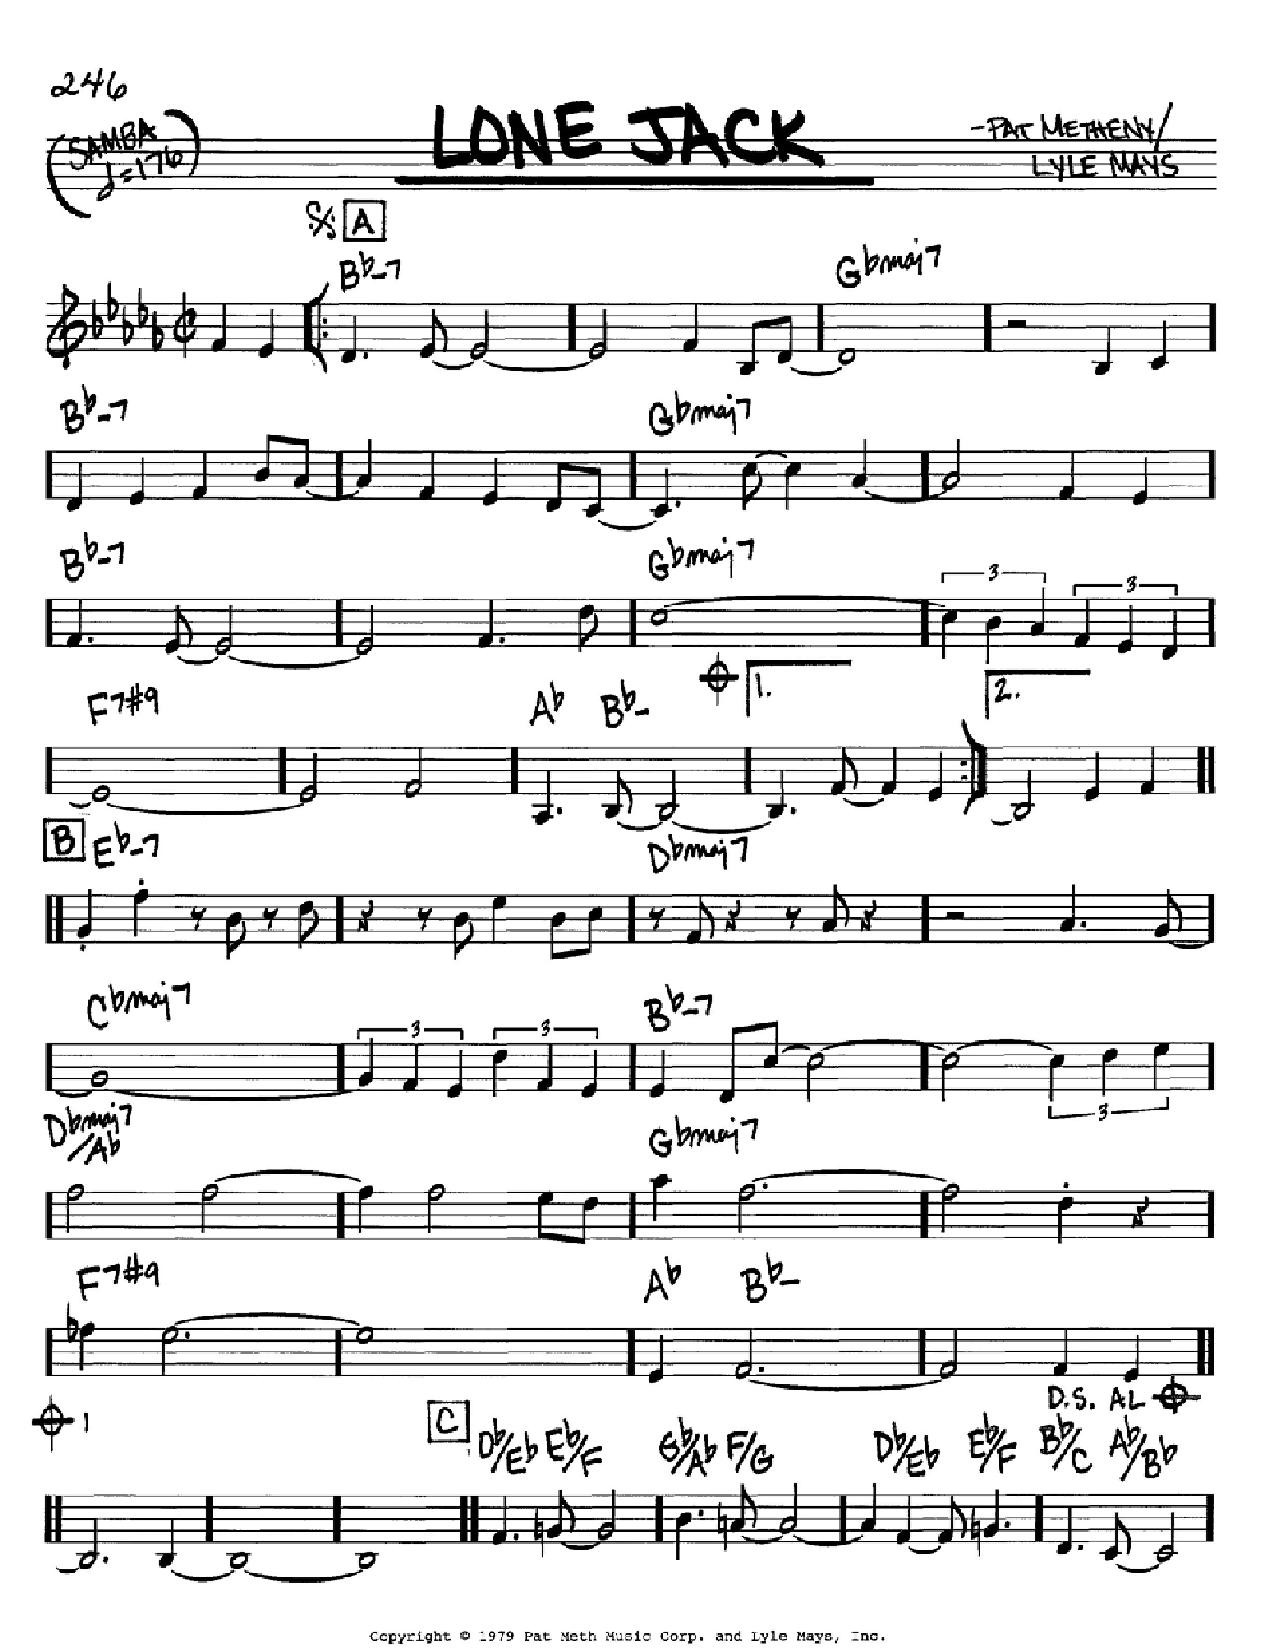 Partition autre Lone Jack de Pat Metheny - Real Book, Melodie et Accords, Inst. En Do